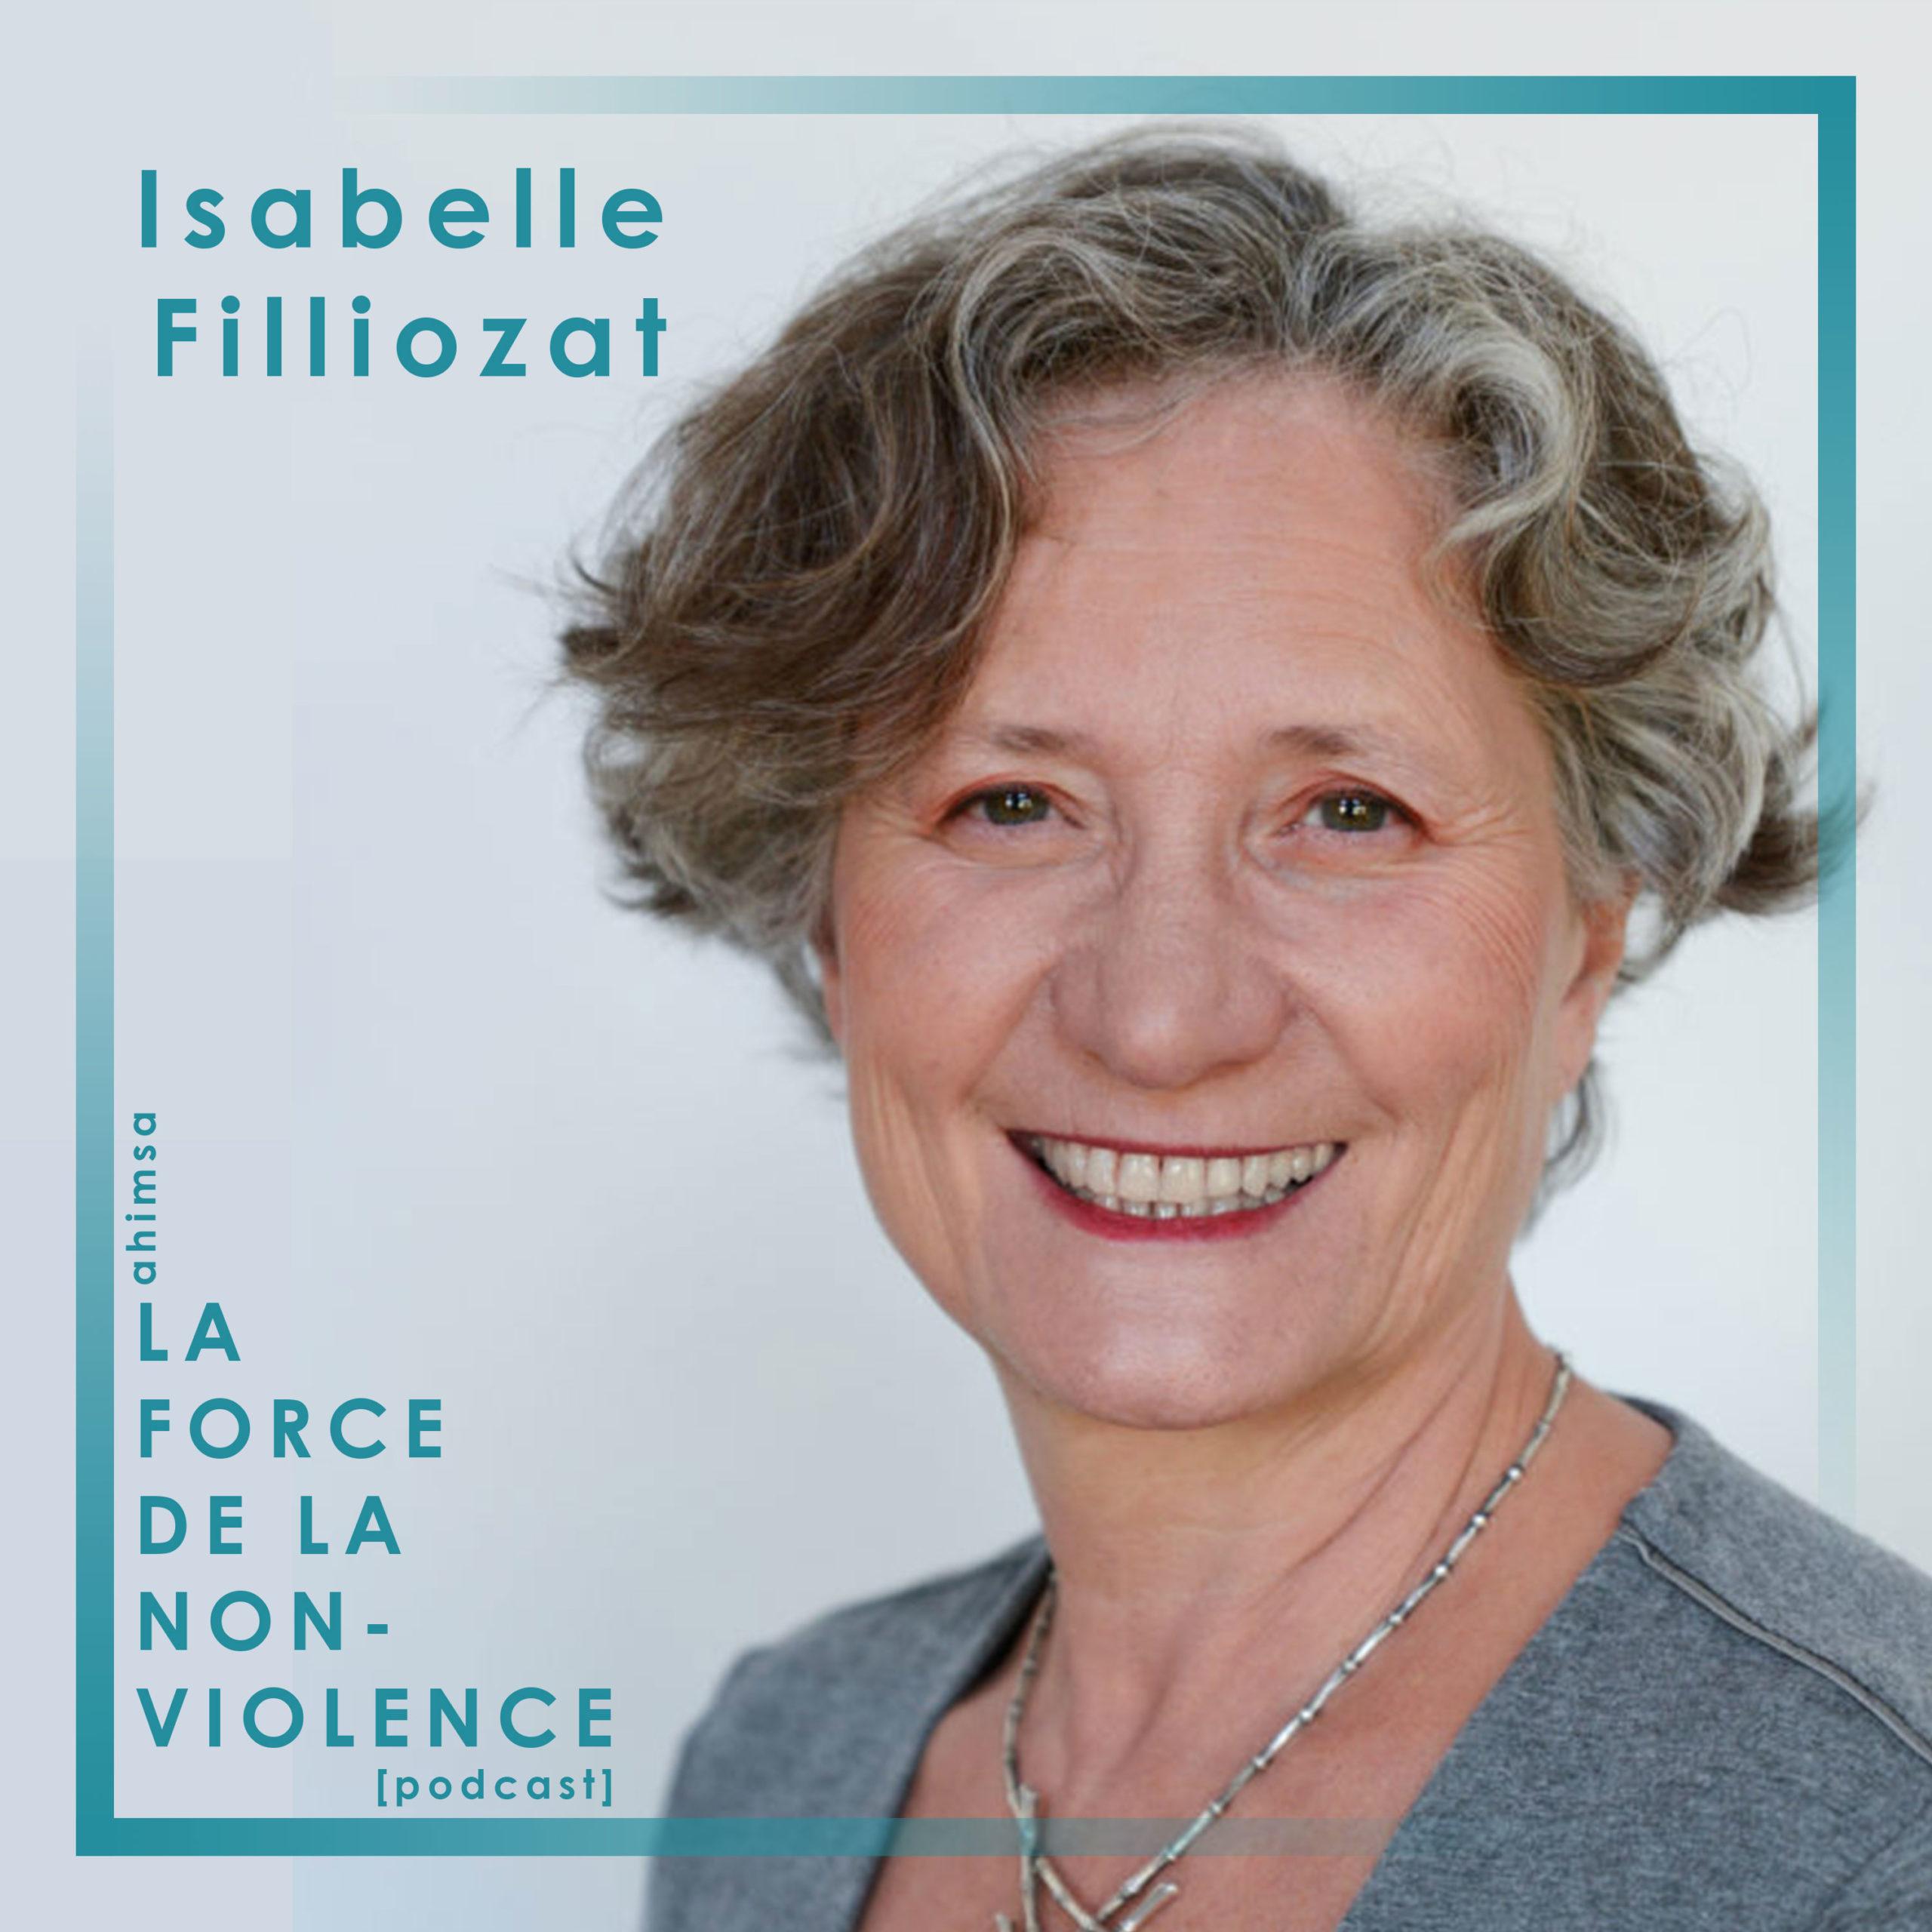 La Force de la Non-violence - podcast - Isabelle Filliozat